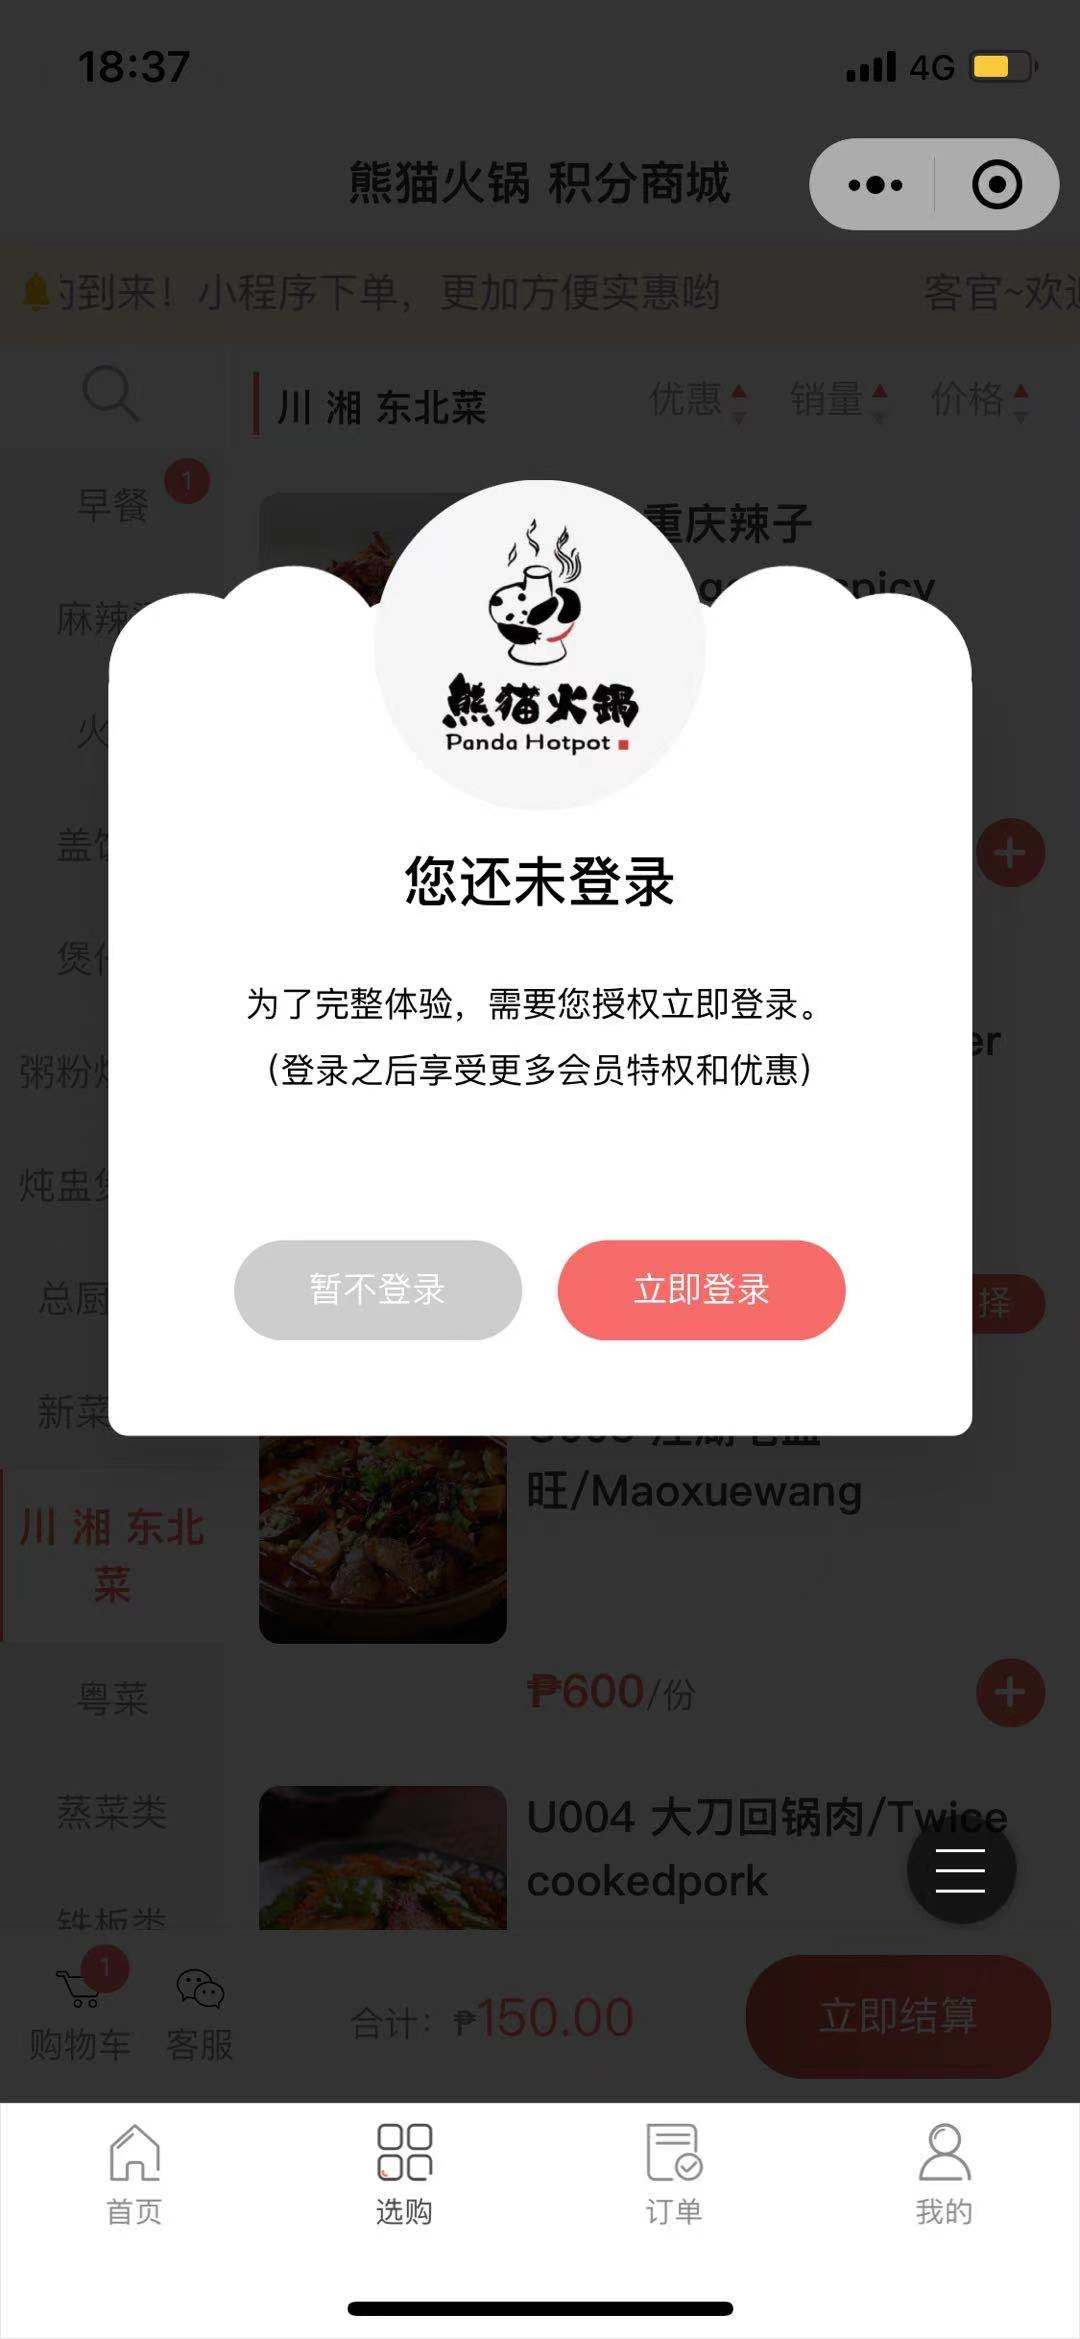 熊猫火锅积分商城商家效果截图